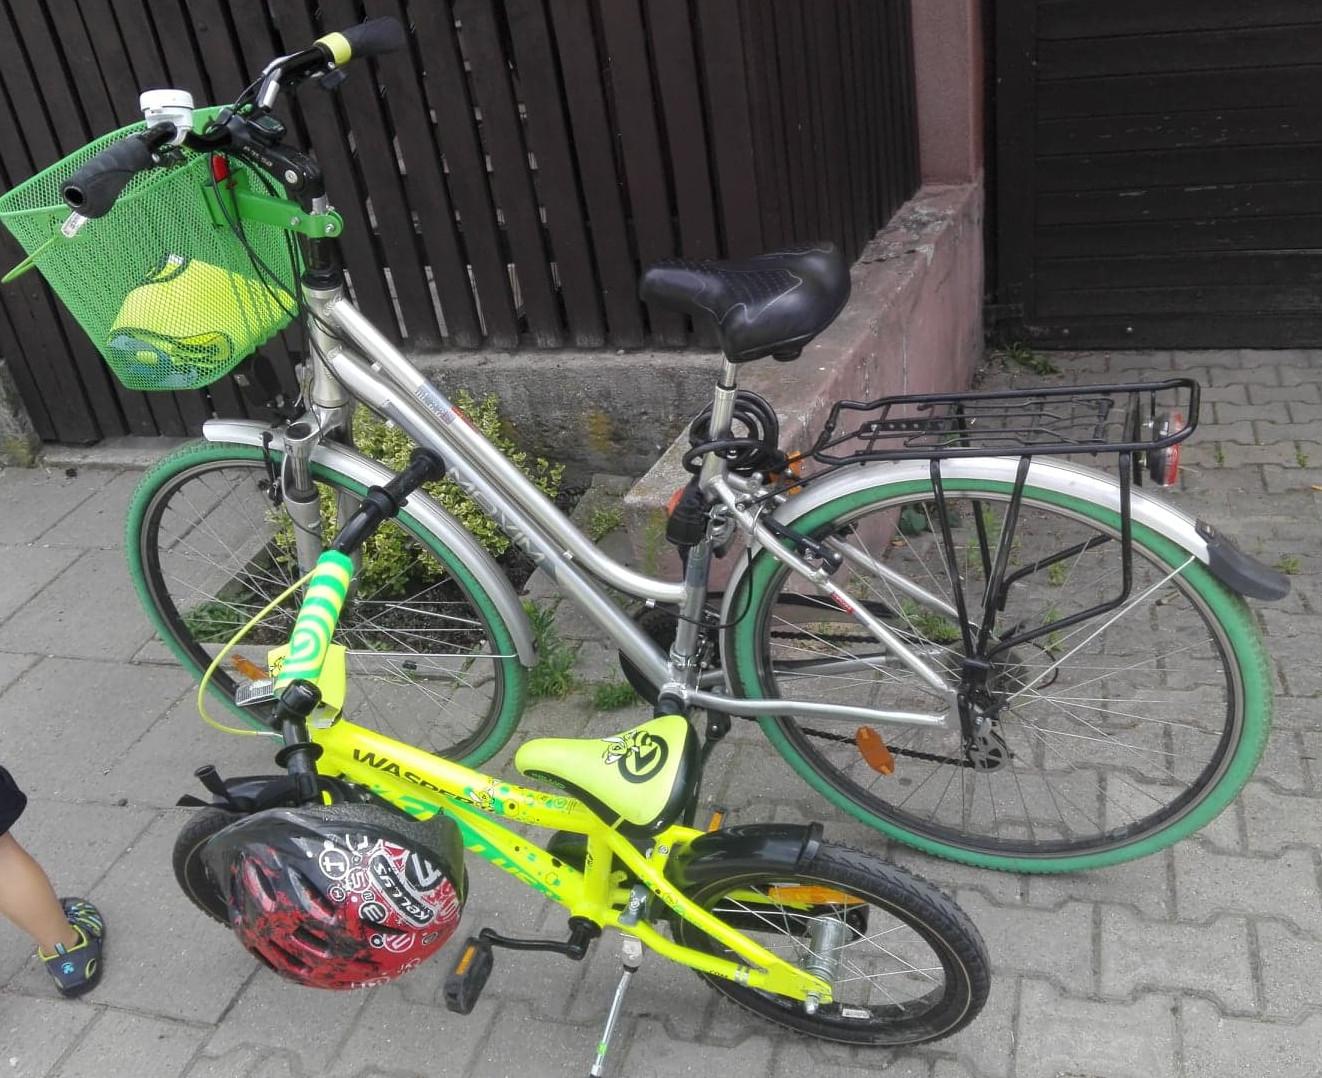 Rodzinna wycieczka rowerowa - co zabrać?